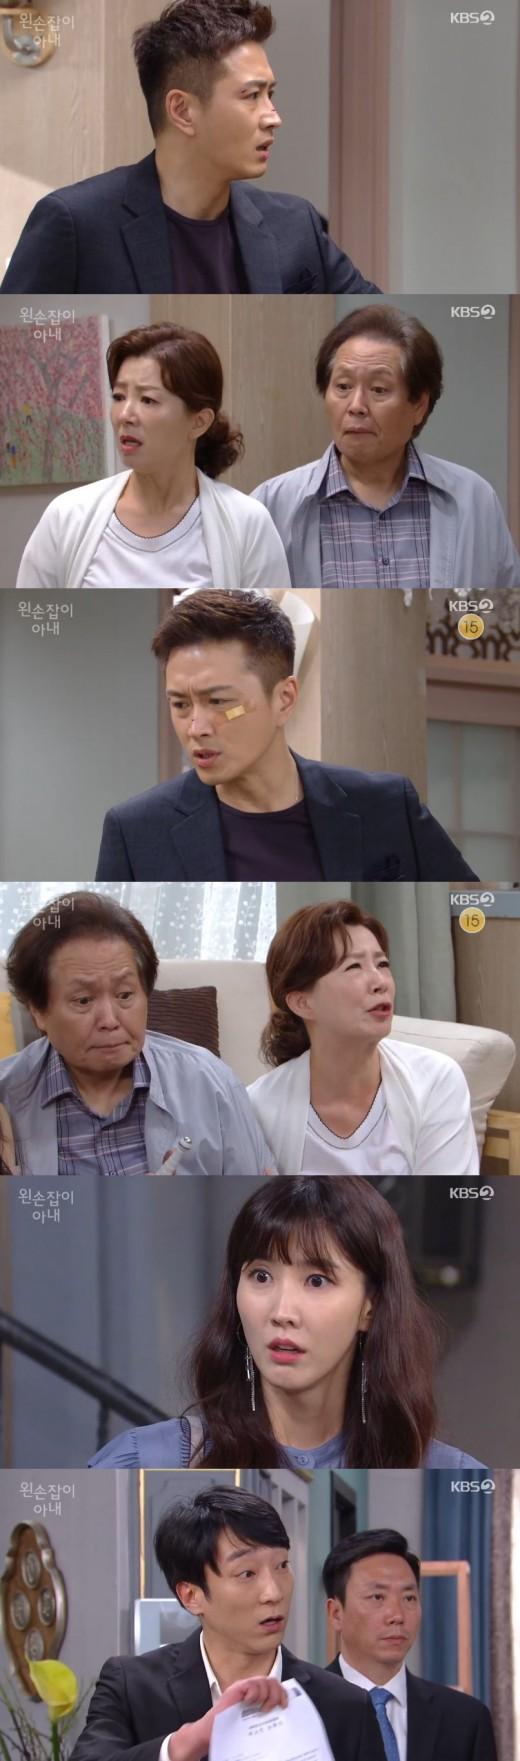 '왼손잡이 아내' 이수경, 사칭혐의로 고소당했다... 최재성과 전면전_이미지